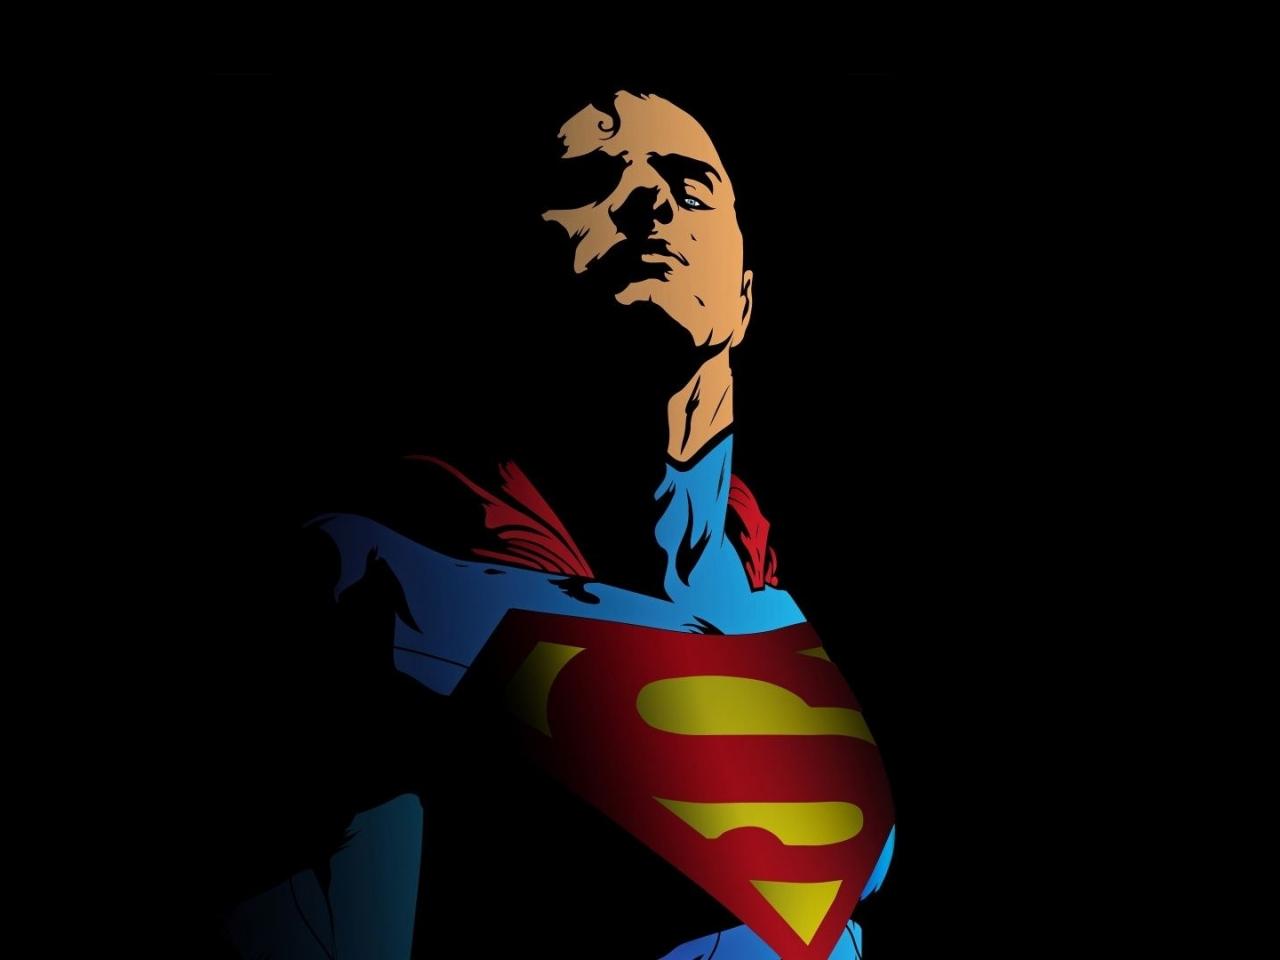 Superman, minimal, art, 1280x960 wallpaper